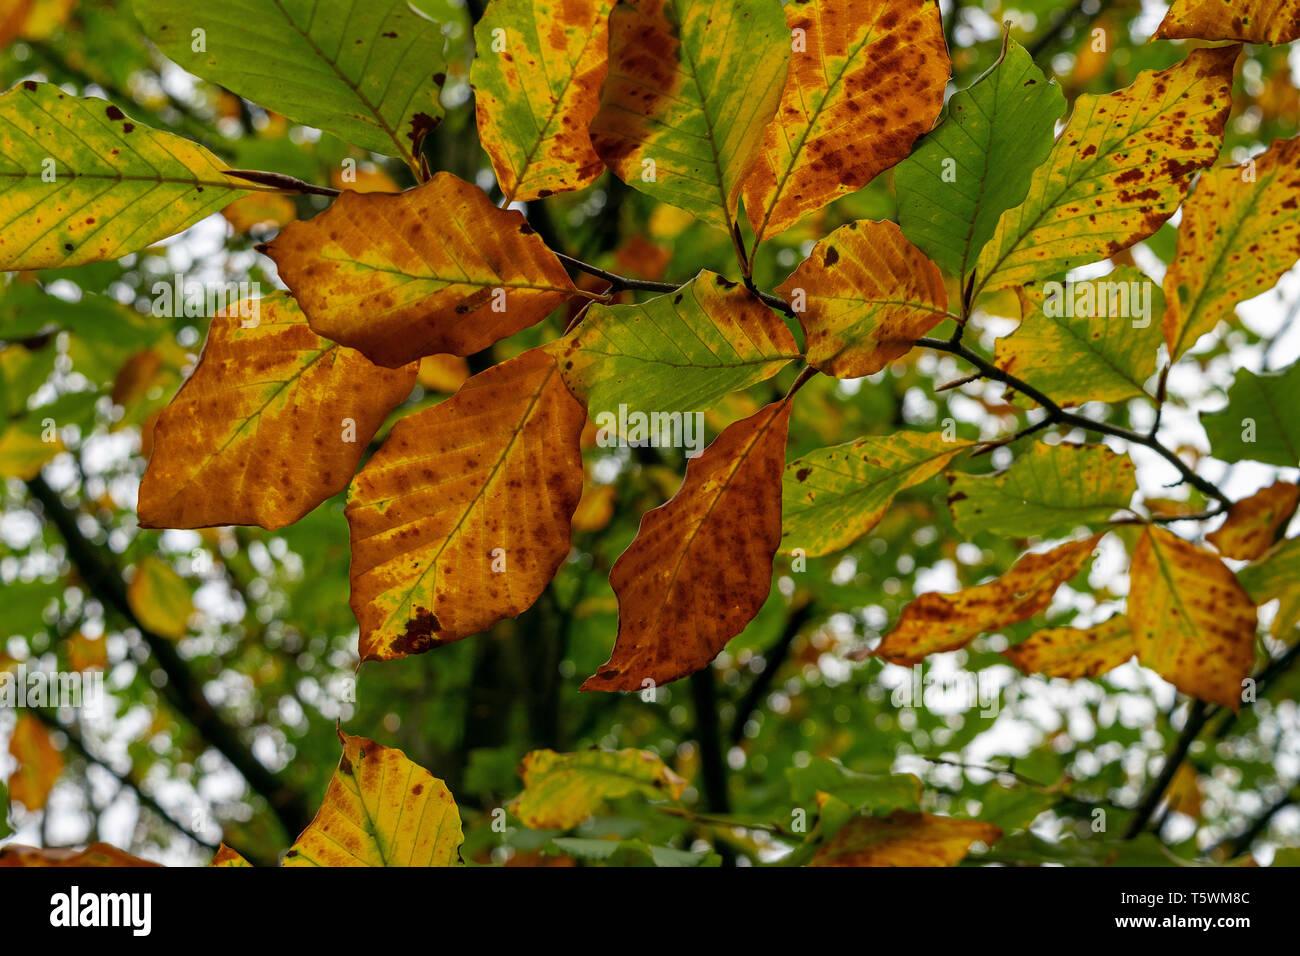 Une vue rapprochée de feuilles de hêtre à l'automne avant qu'ils tombent sur le sol Photo Stock